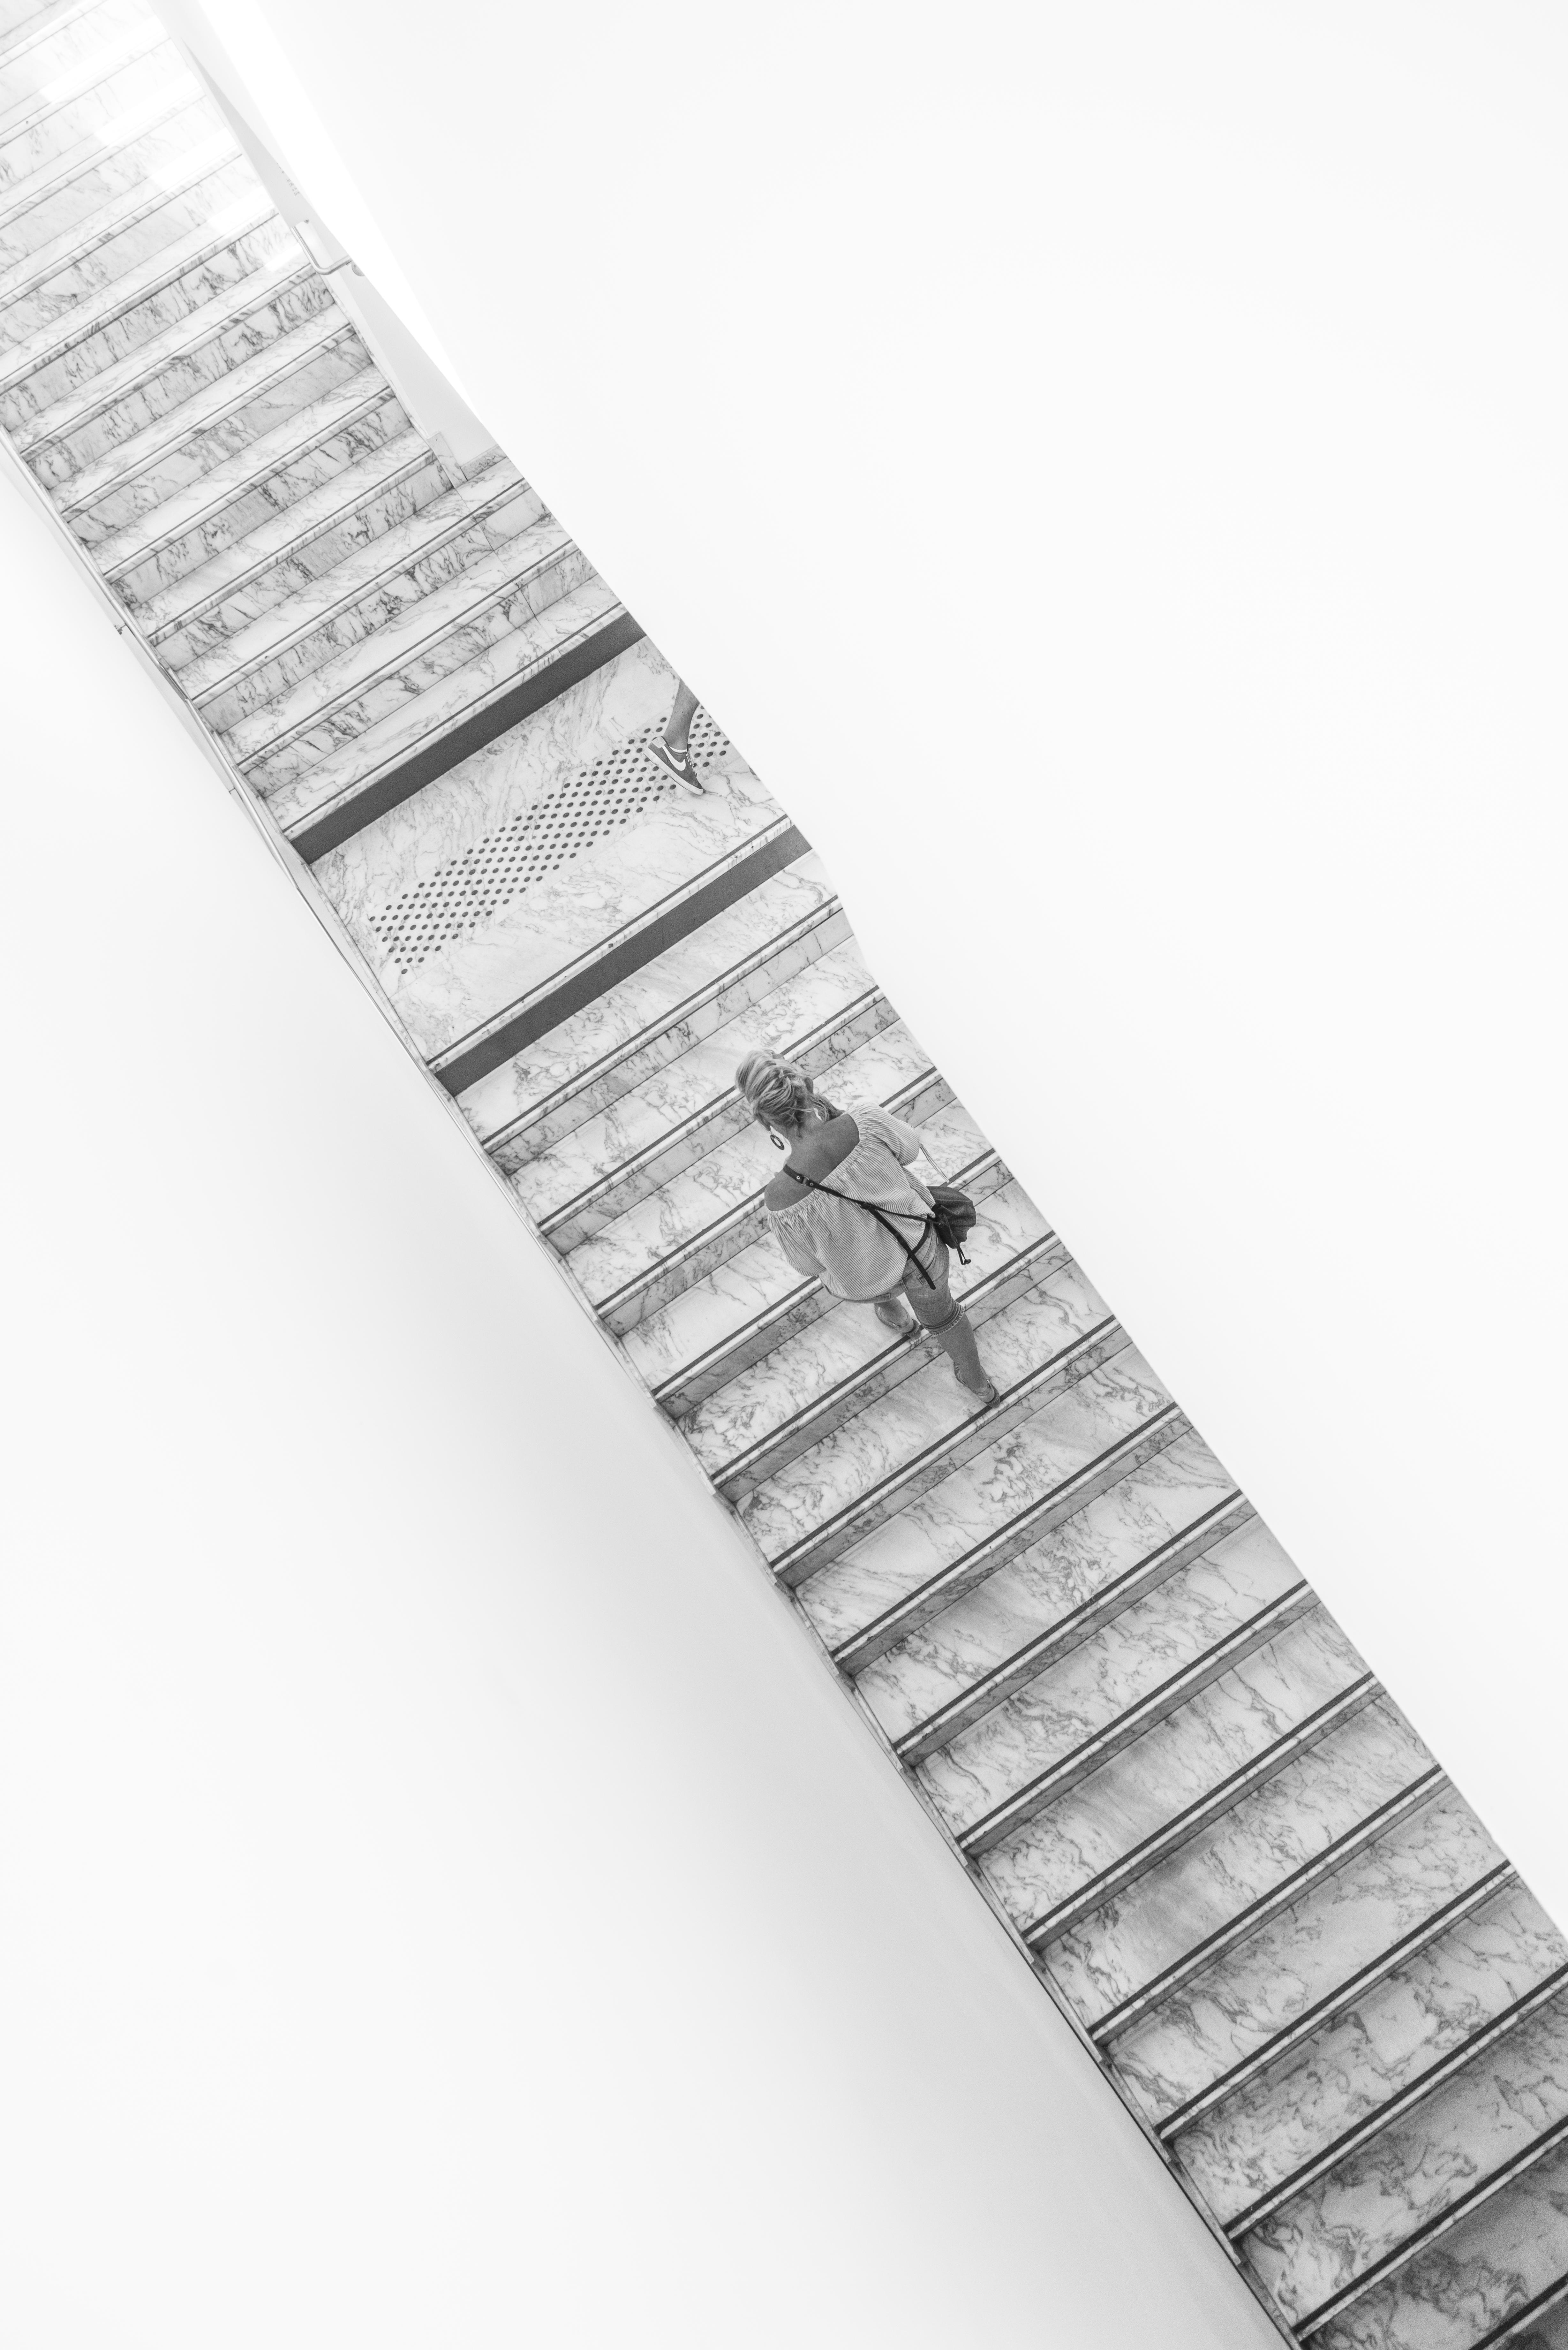 L'escalier historique du Jeu de Paume